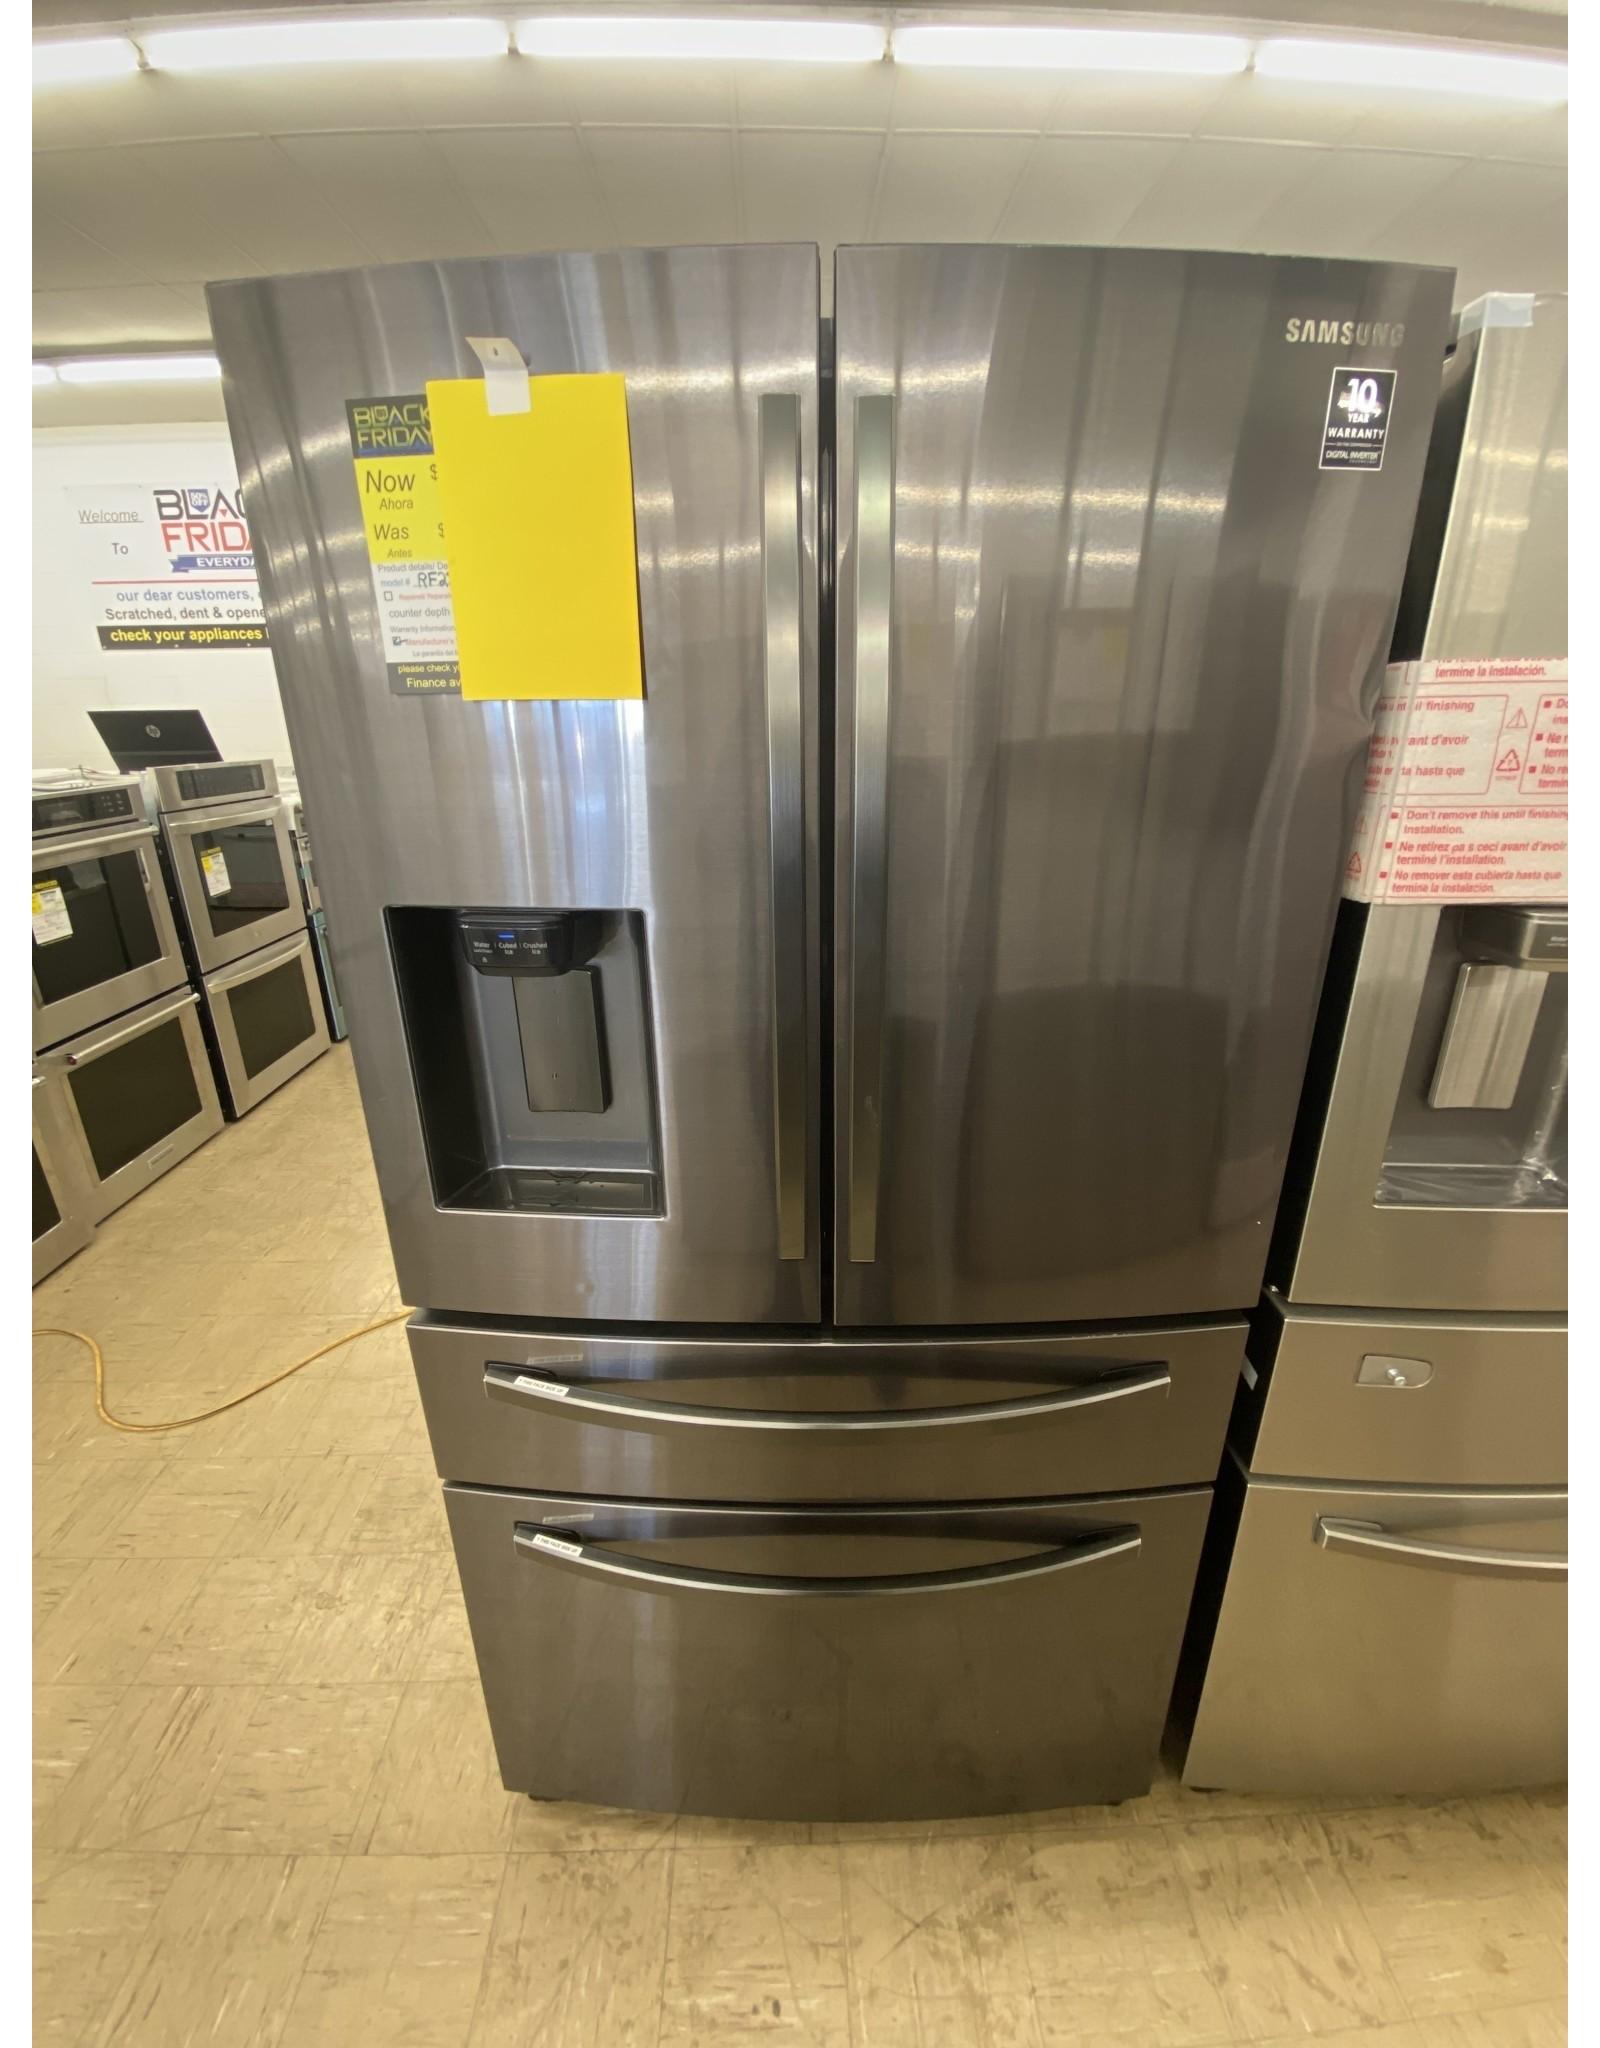 SAMSUNG Samsung 28 cu. ft. 4-Door French Door Refrigerator in Fingerprint Resistant Black Stainless